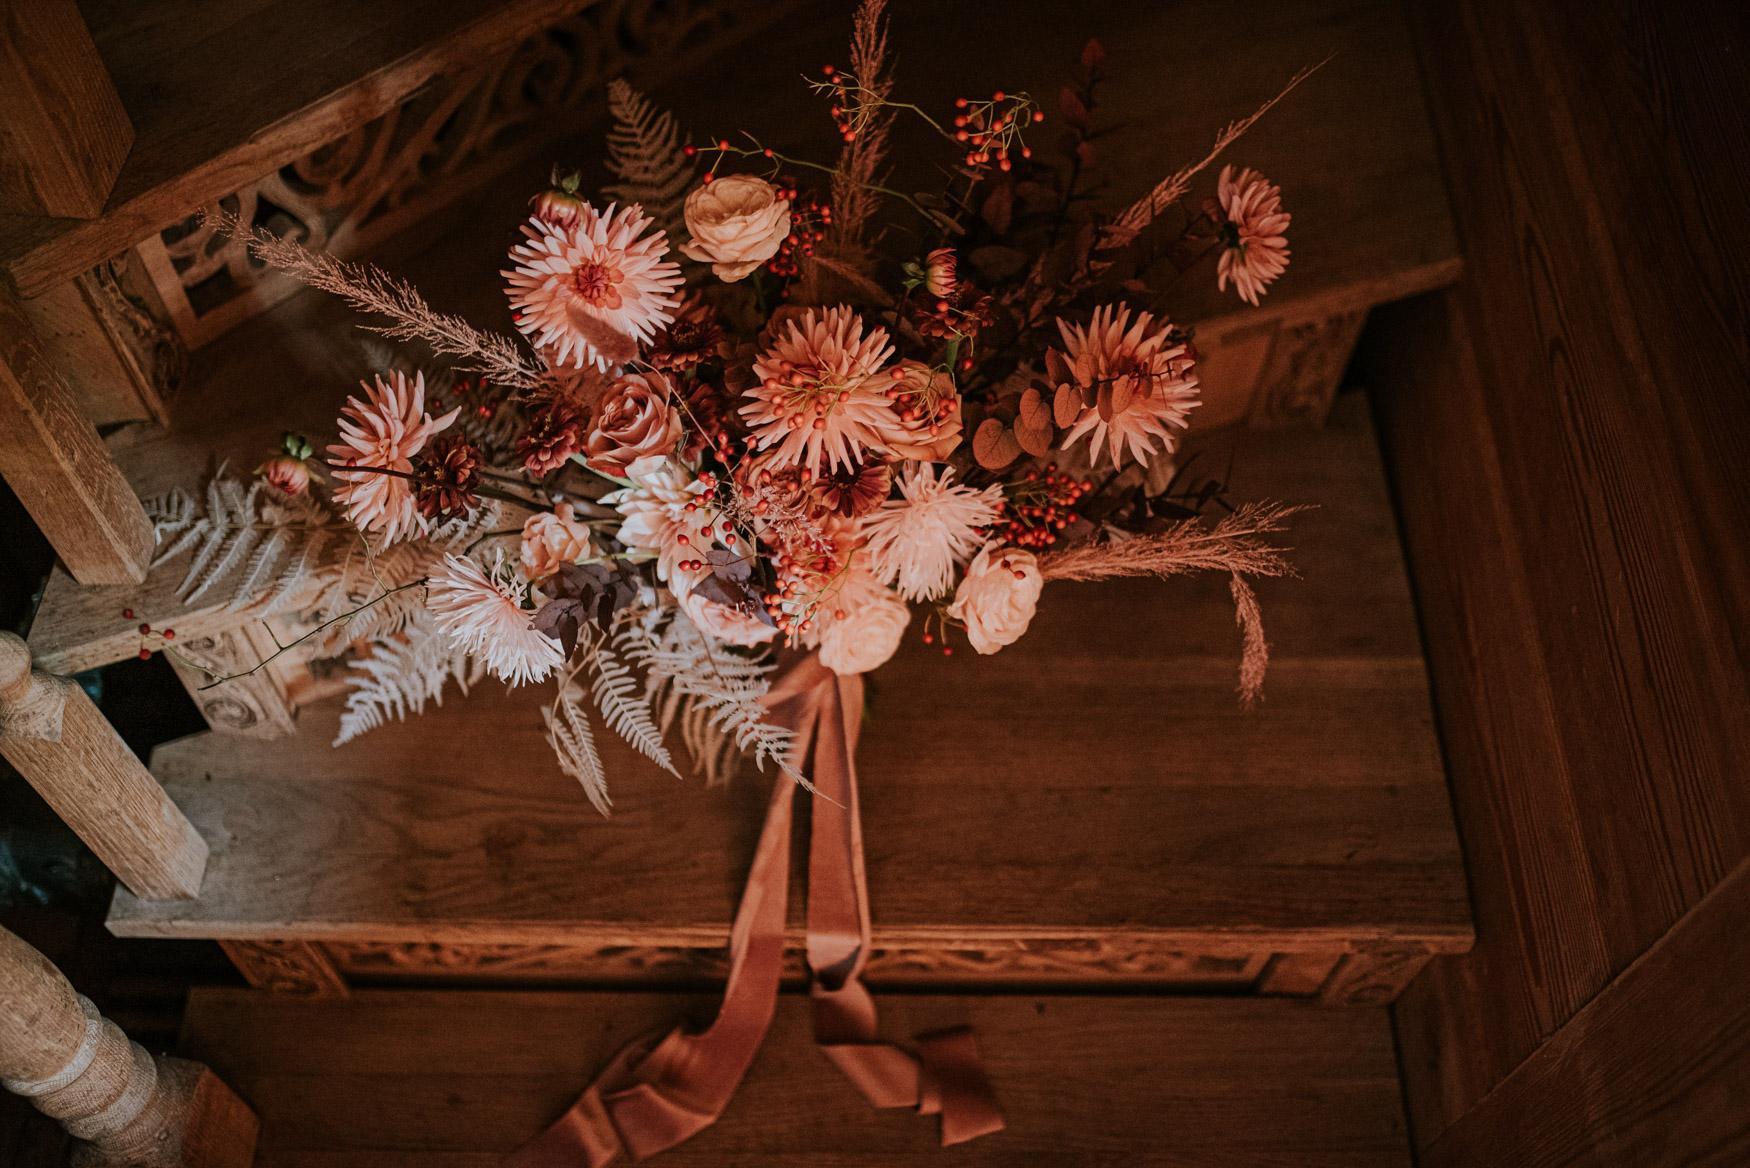 bukiet kwiatów na schodach